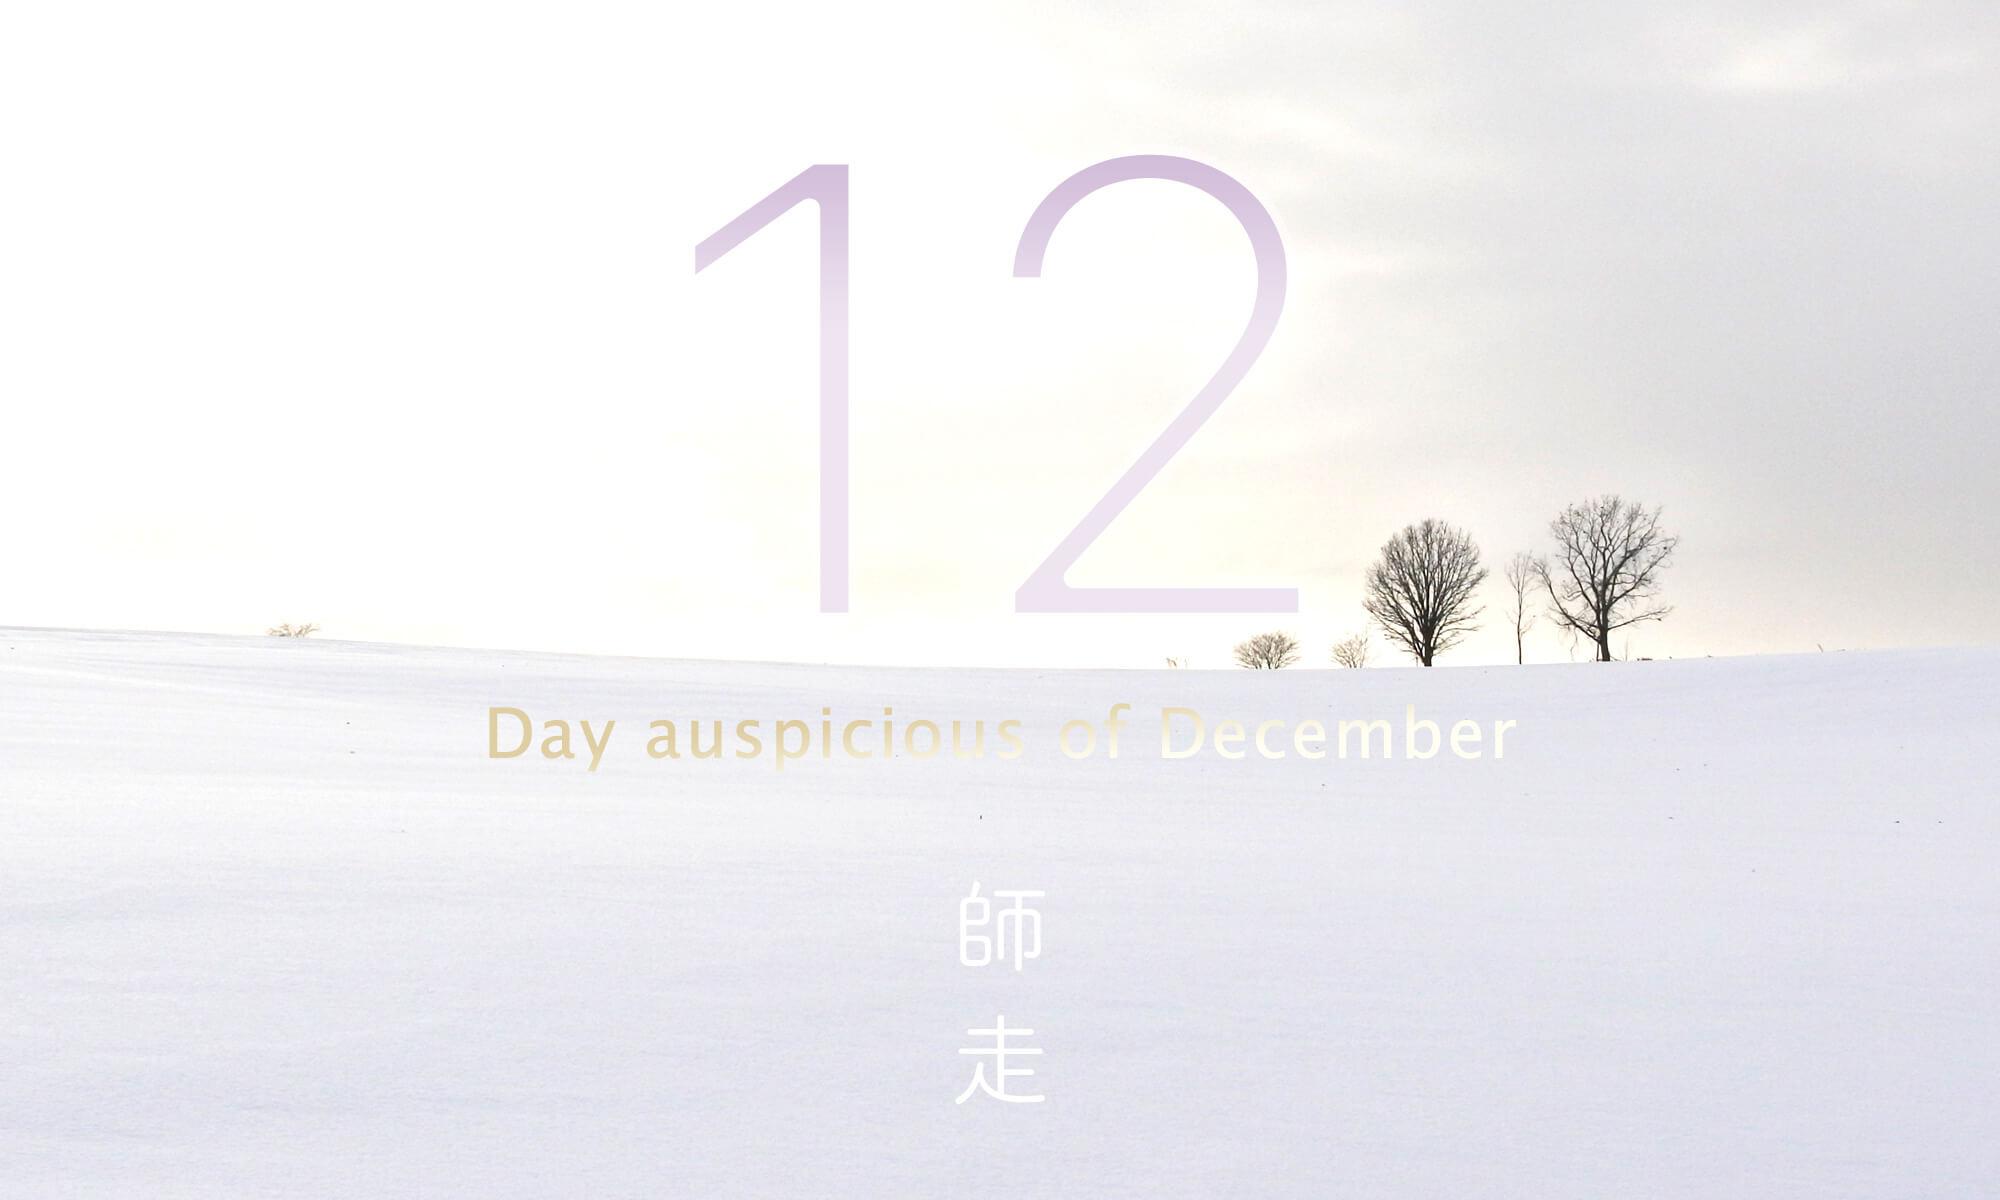 平成30年・2018年12月のいい日悪い日・縁起のいい日、お日取り・暦